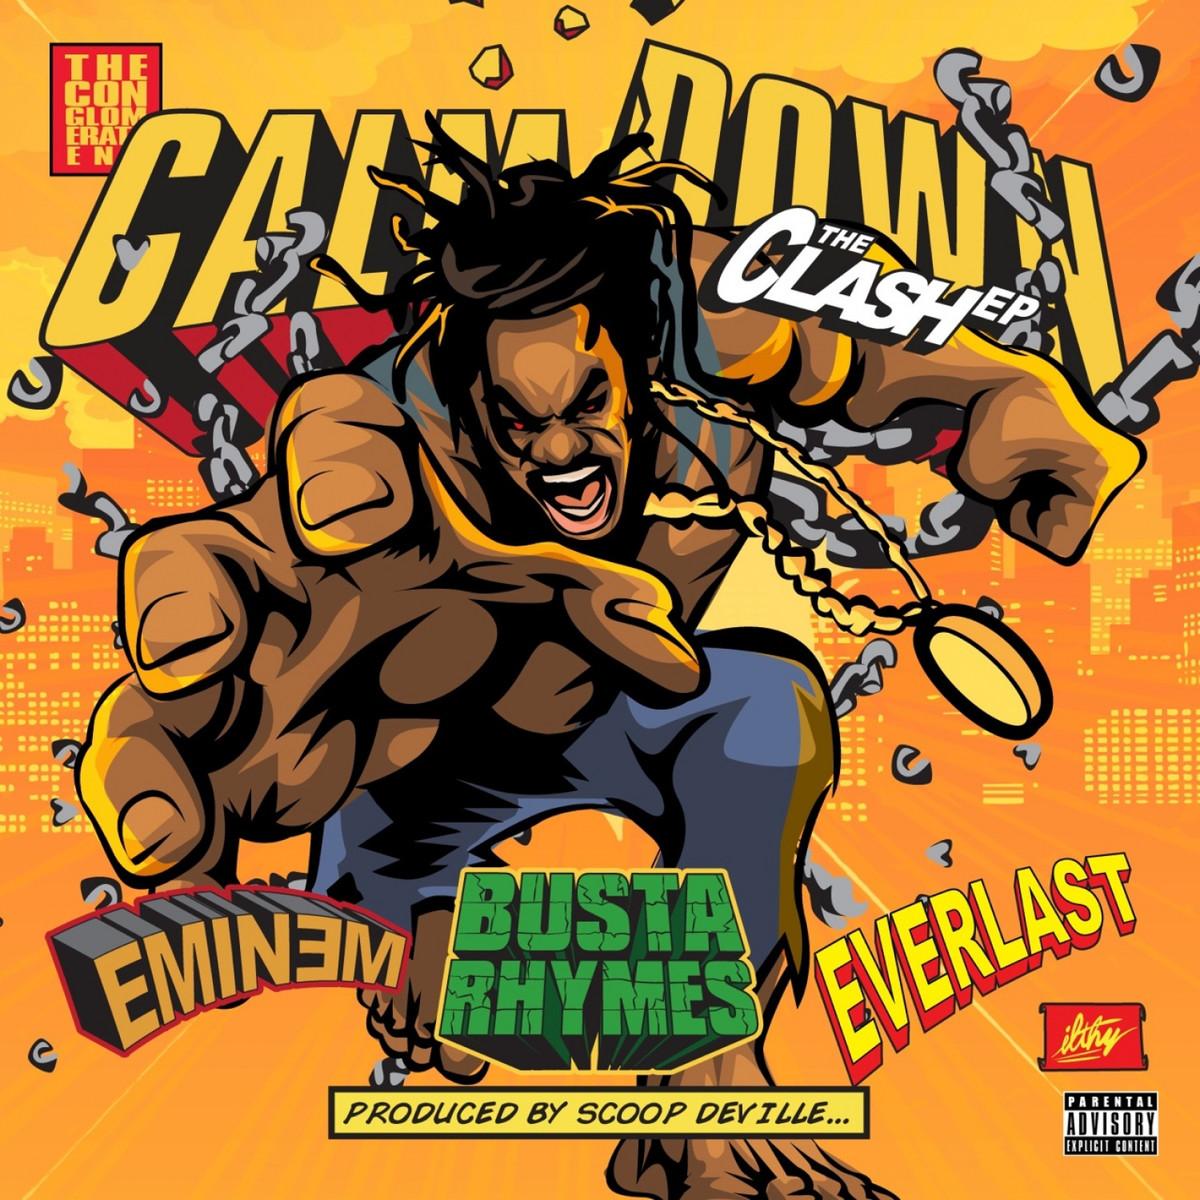 Busta Rhymes Calm Down The Clash EP